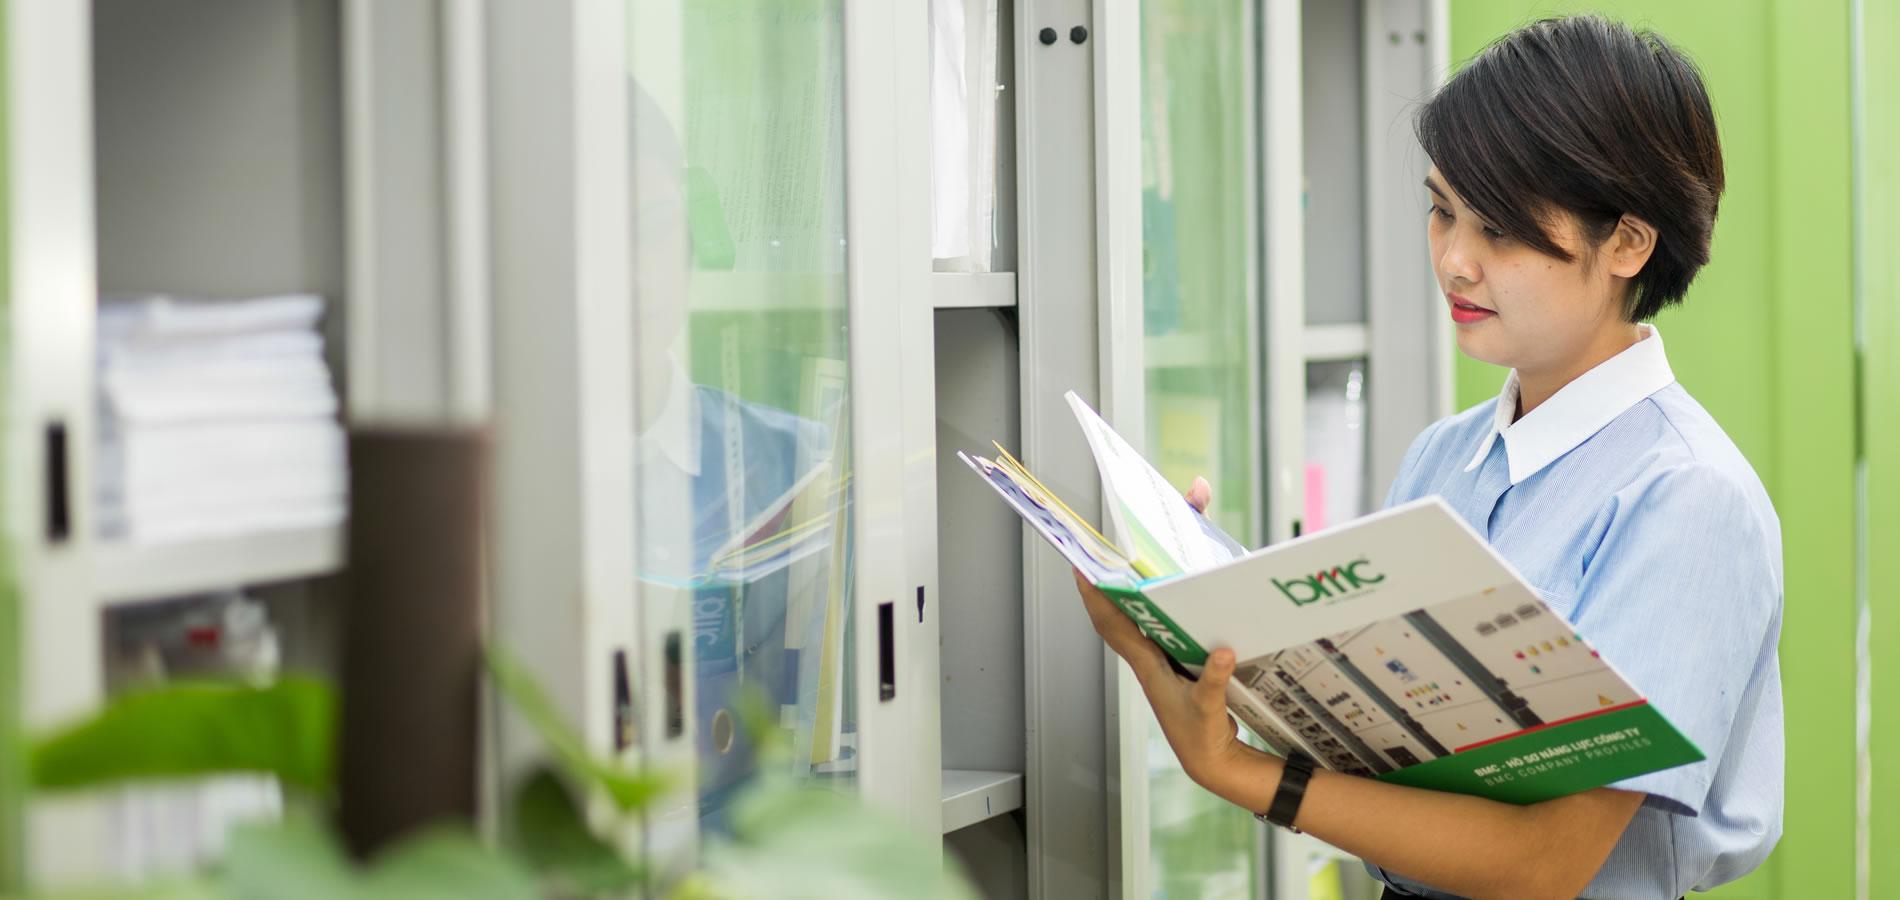 BMC luôn dẫn đầu về công nghệ và chất lượng